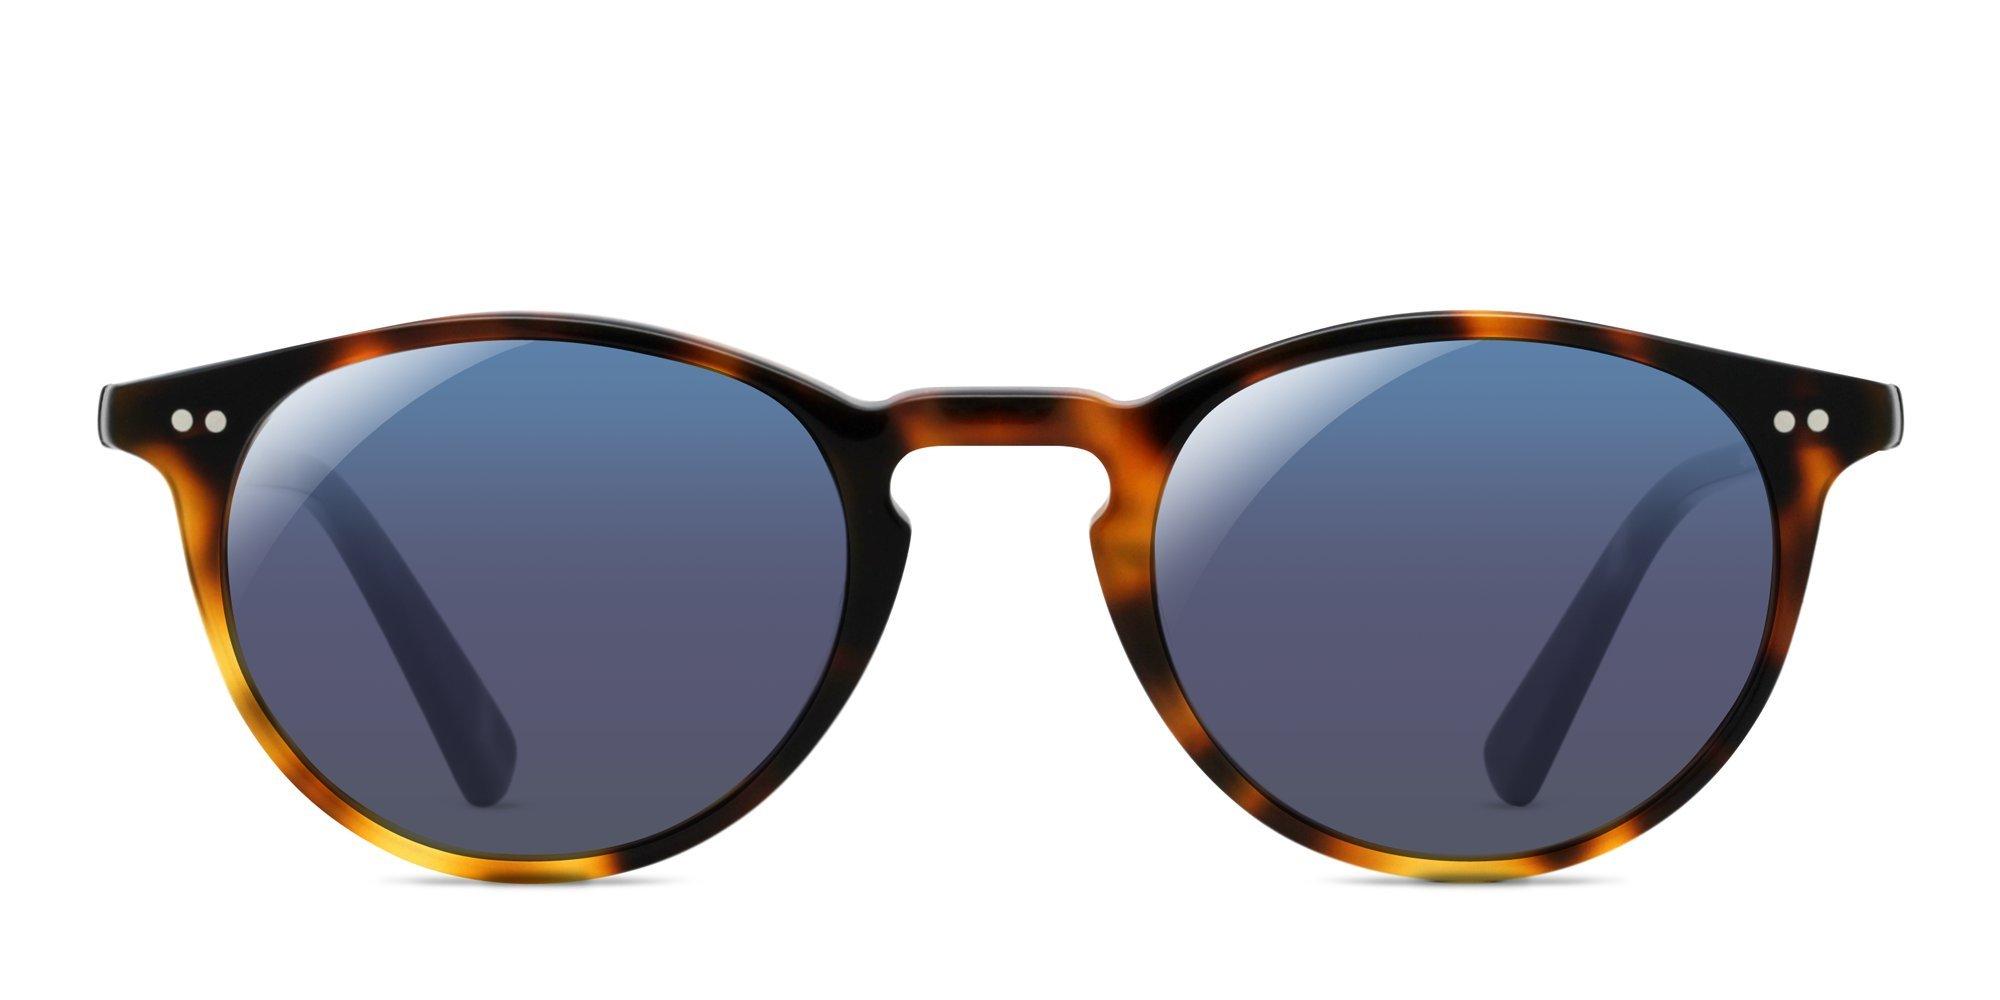 Enchroma Ashby - Glasses for the Color Blind (Carmel Tortoise)